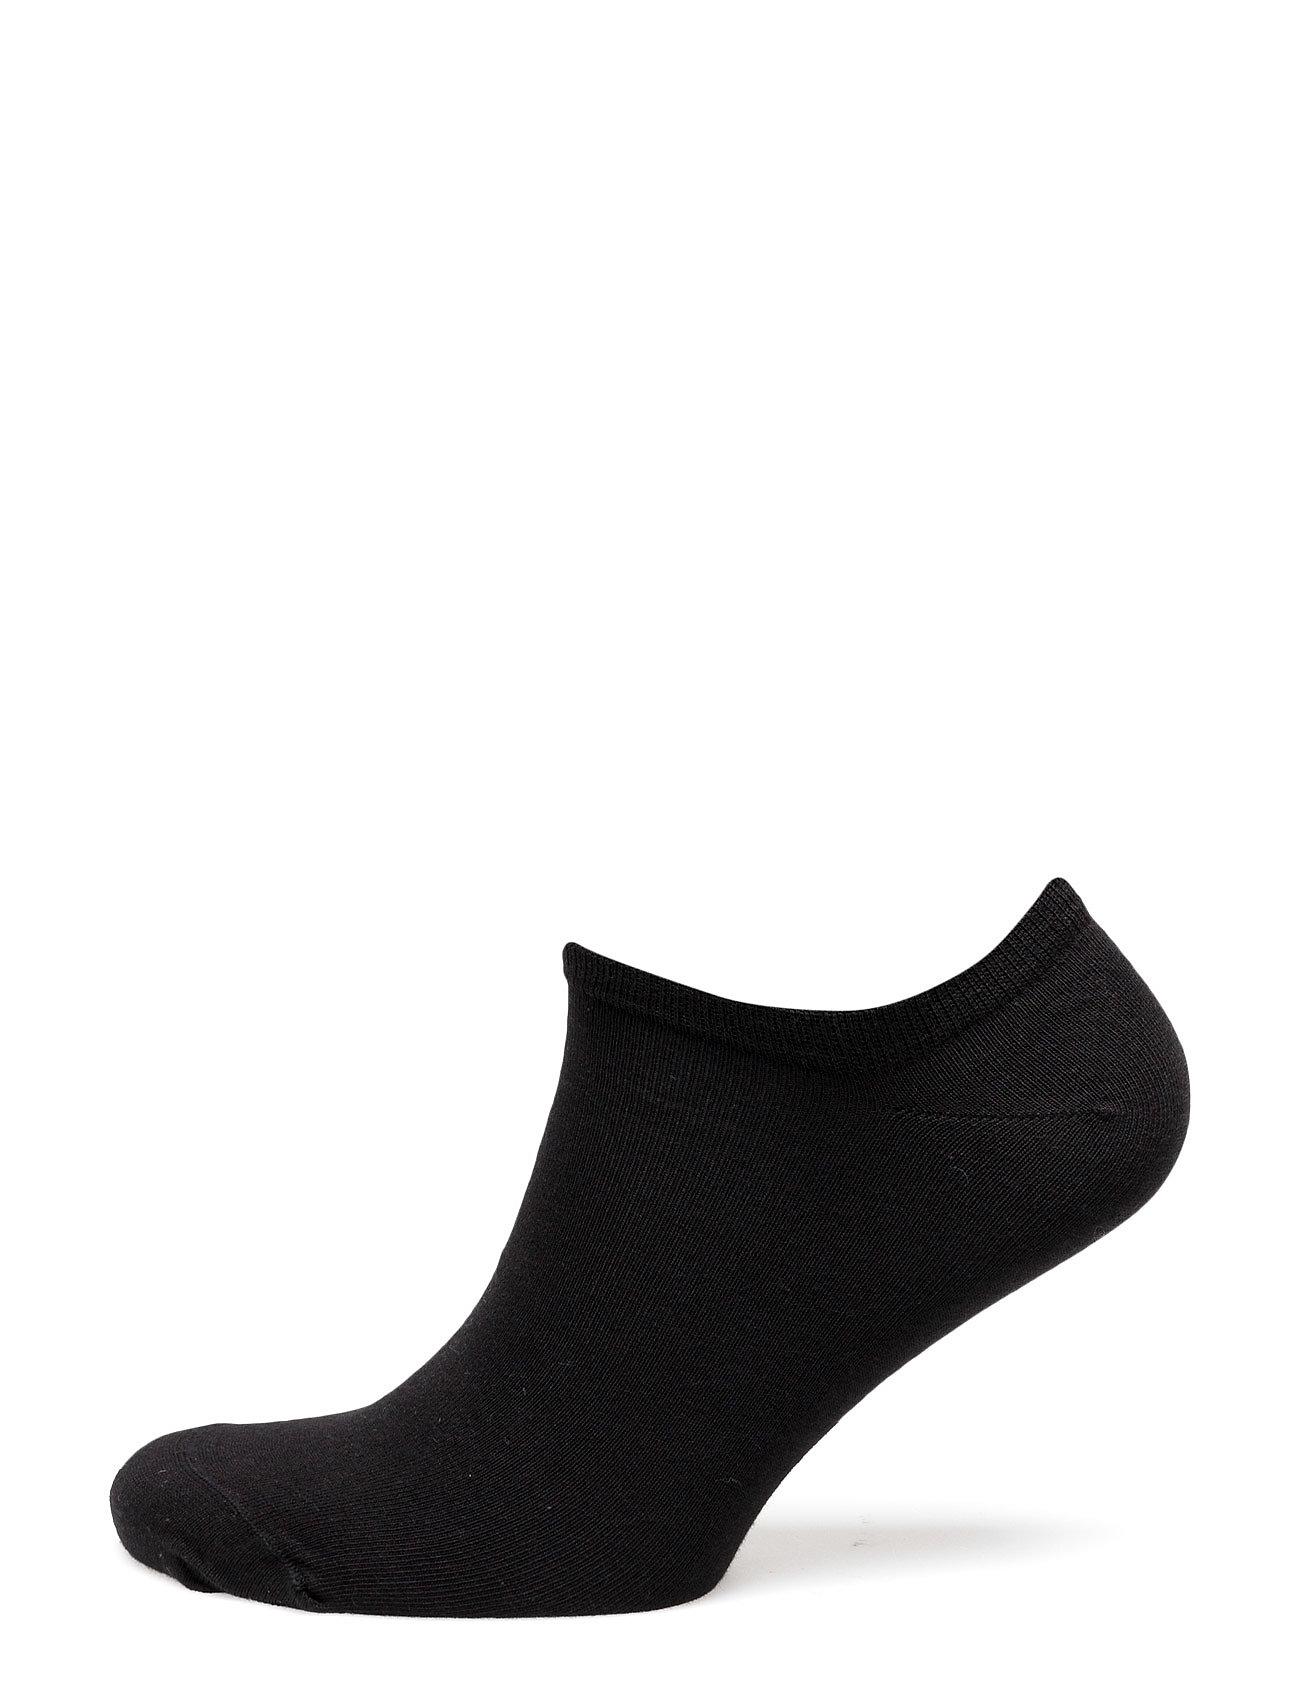 Image of Ladies Thin Sneaker Sock Lingerie Socks Footies/Ankle Socks Sort Decoy (3132345975)